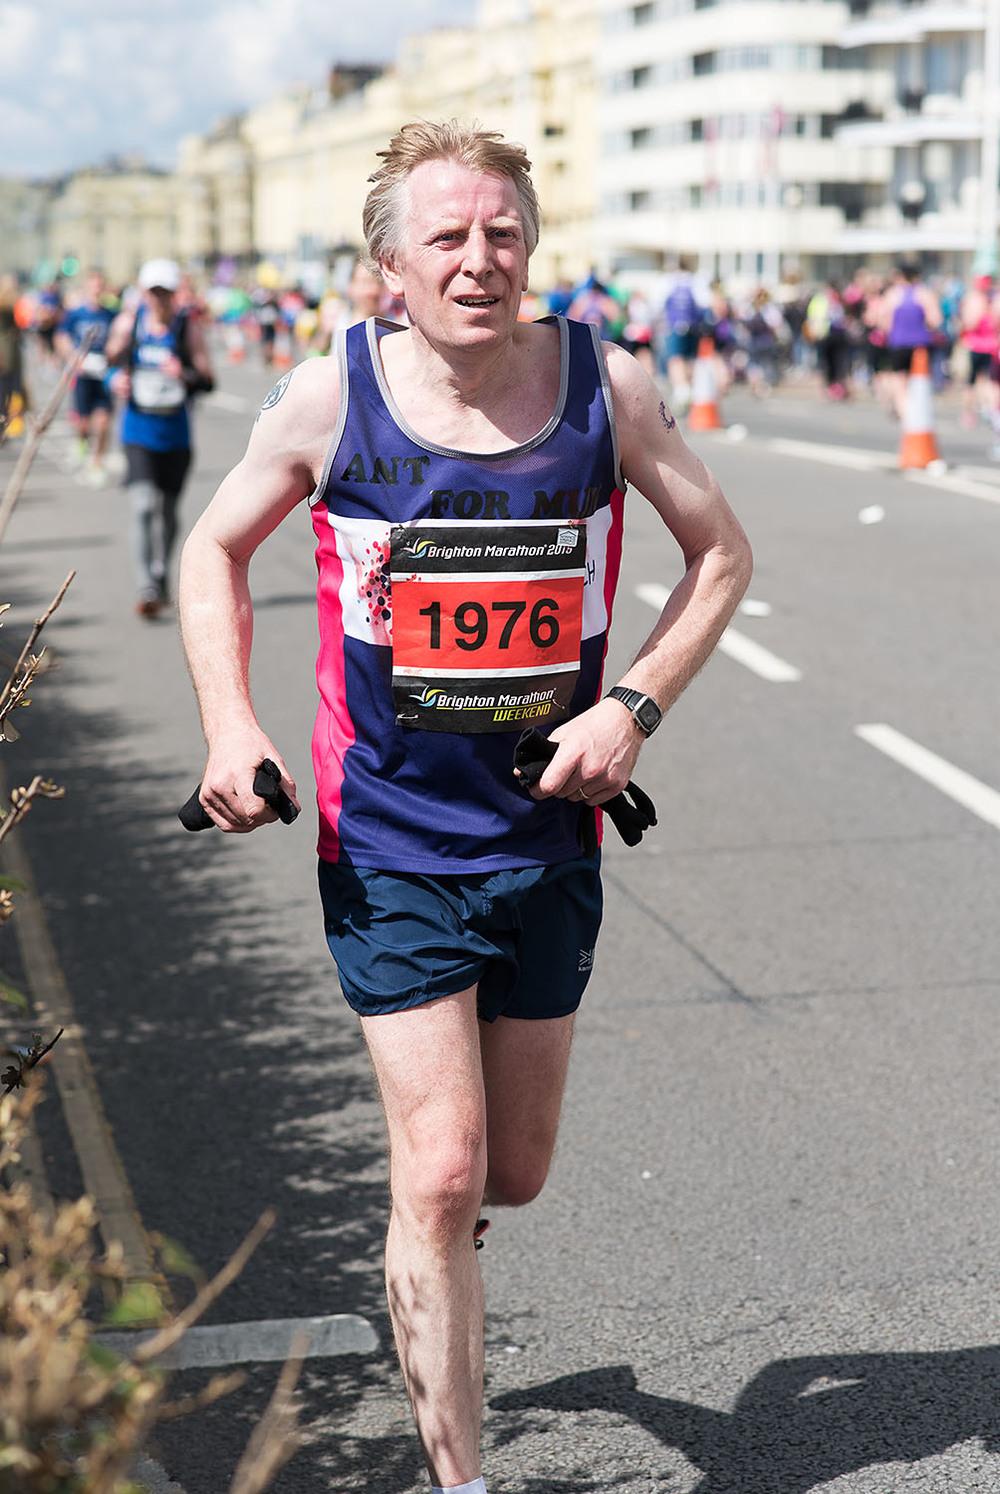 Brighton Marathon 2016 - Mile 25